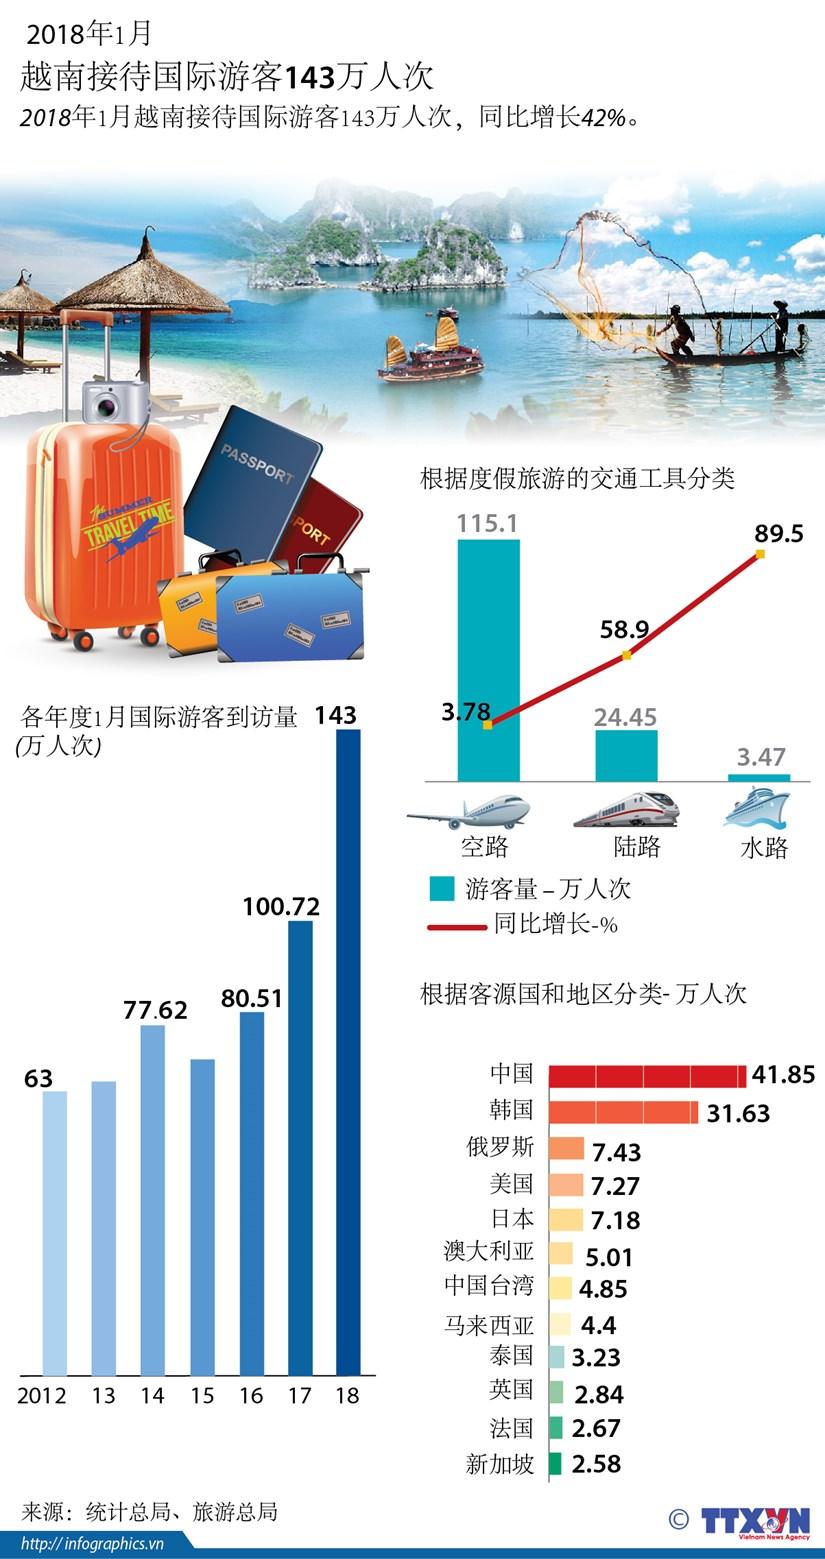 图表新闻: 2018年1月越南接待国际游客143万人次 hinh anh 1